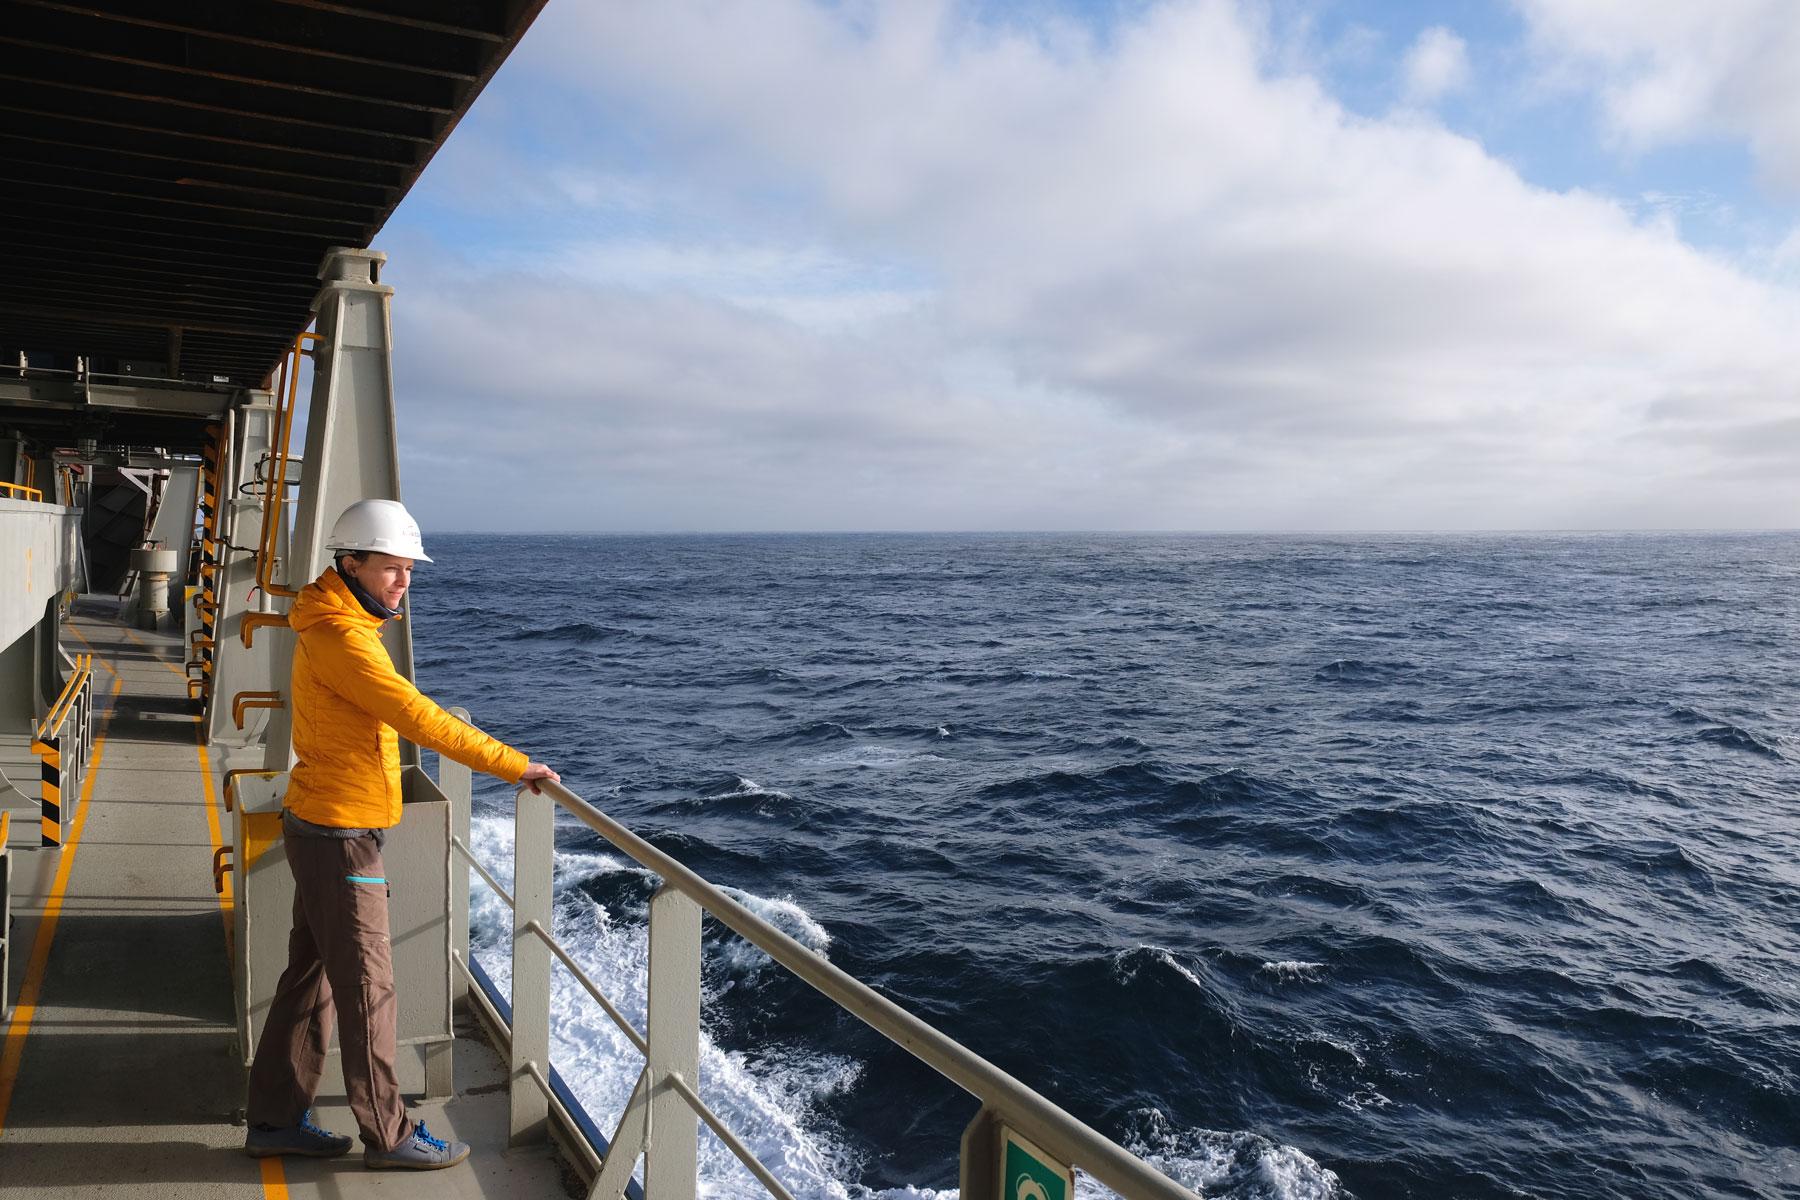 Leo schaut über die Reling eines Frachtschiffs auf den Pazifik.